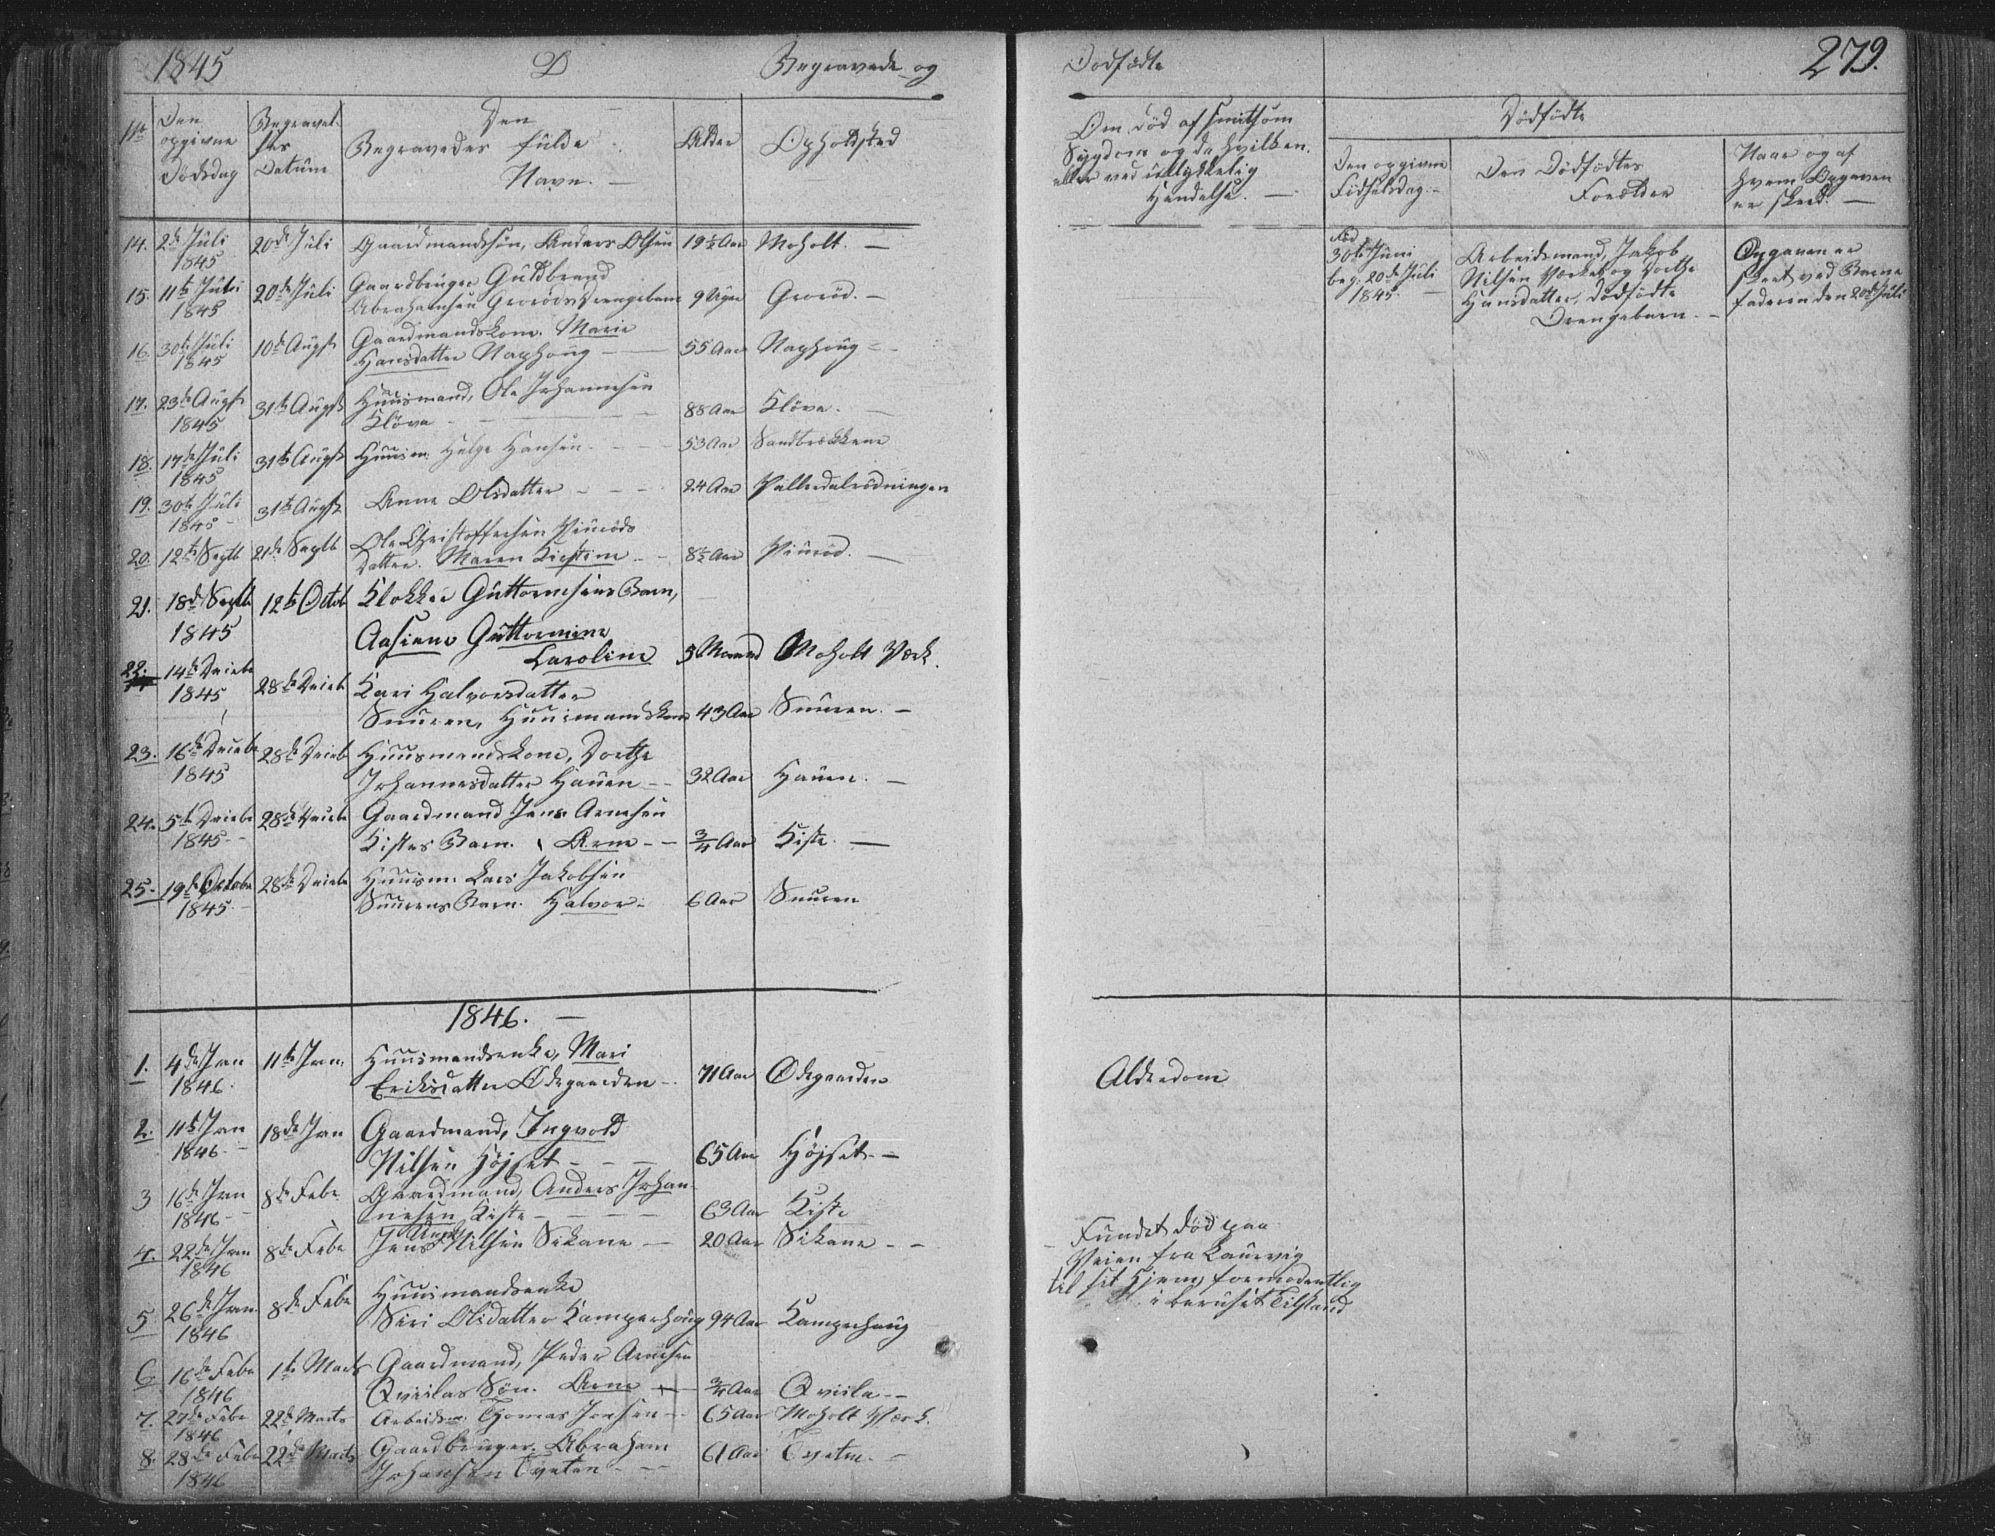 SAKO, Siljan kirkebøker, F/Fa/L0001: Ministerialbok nr. 1, 1831-1870, s. 279